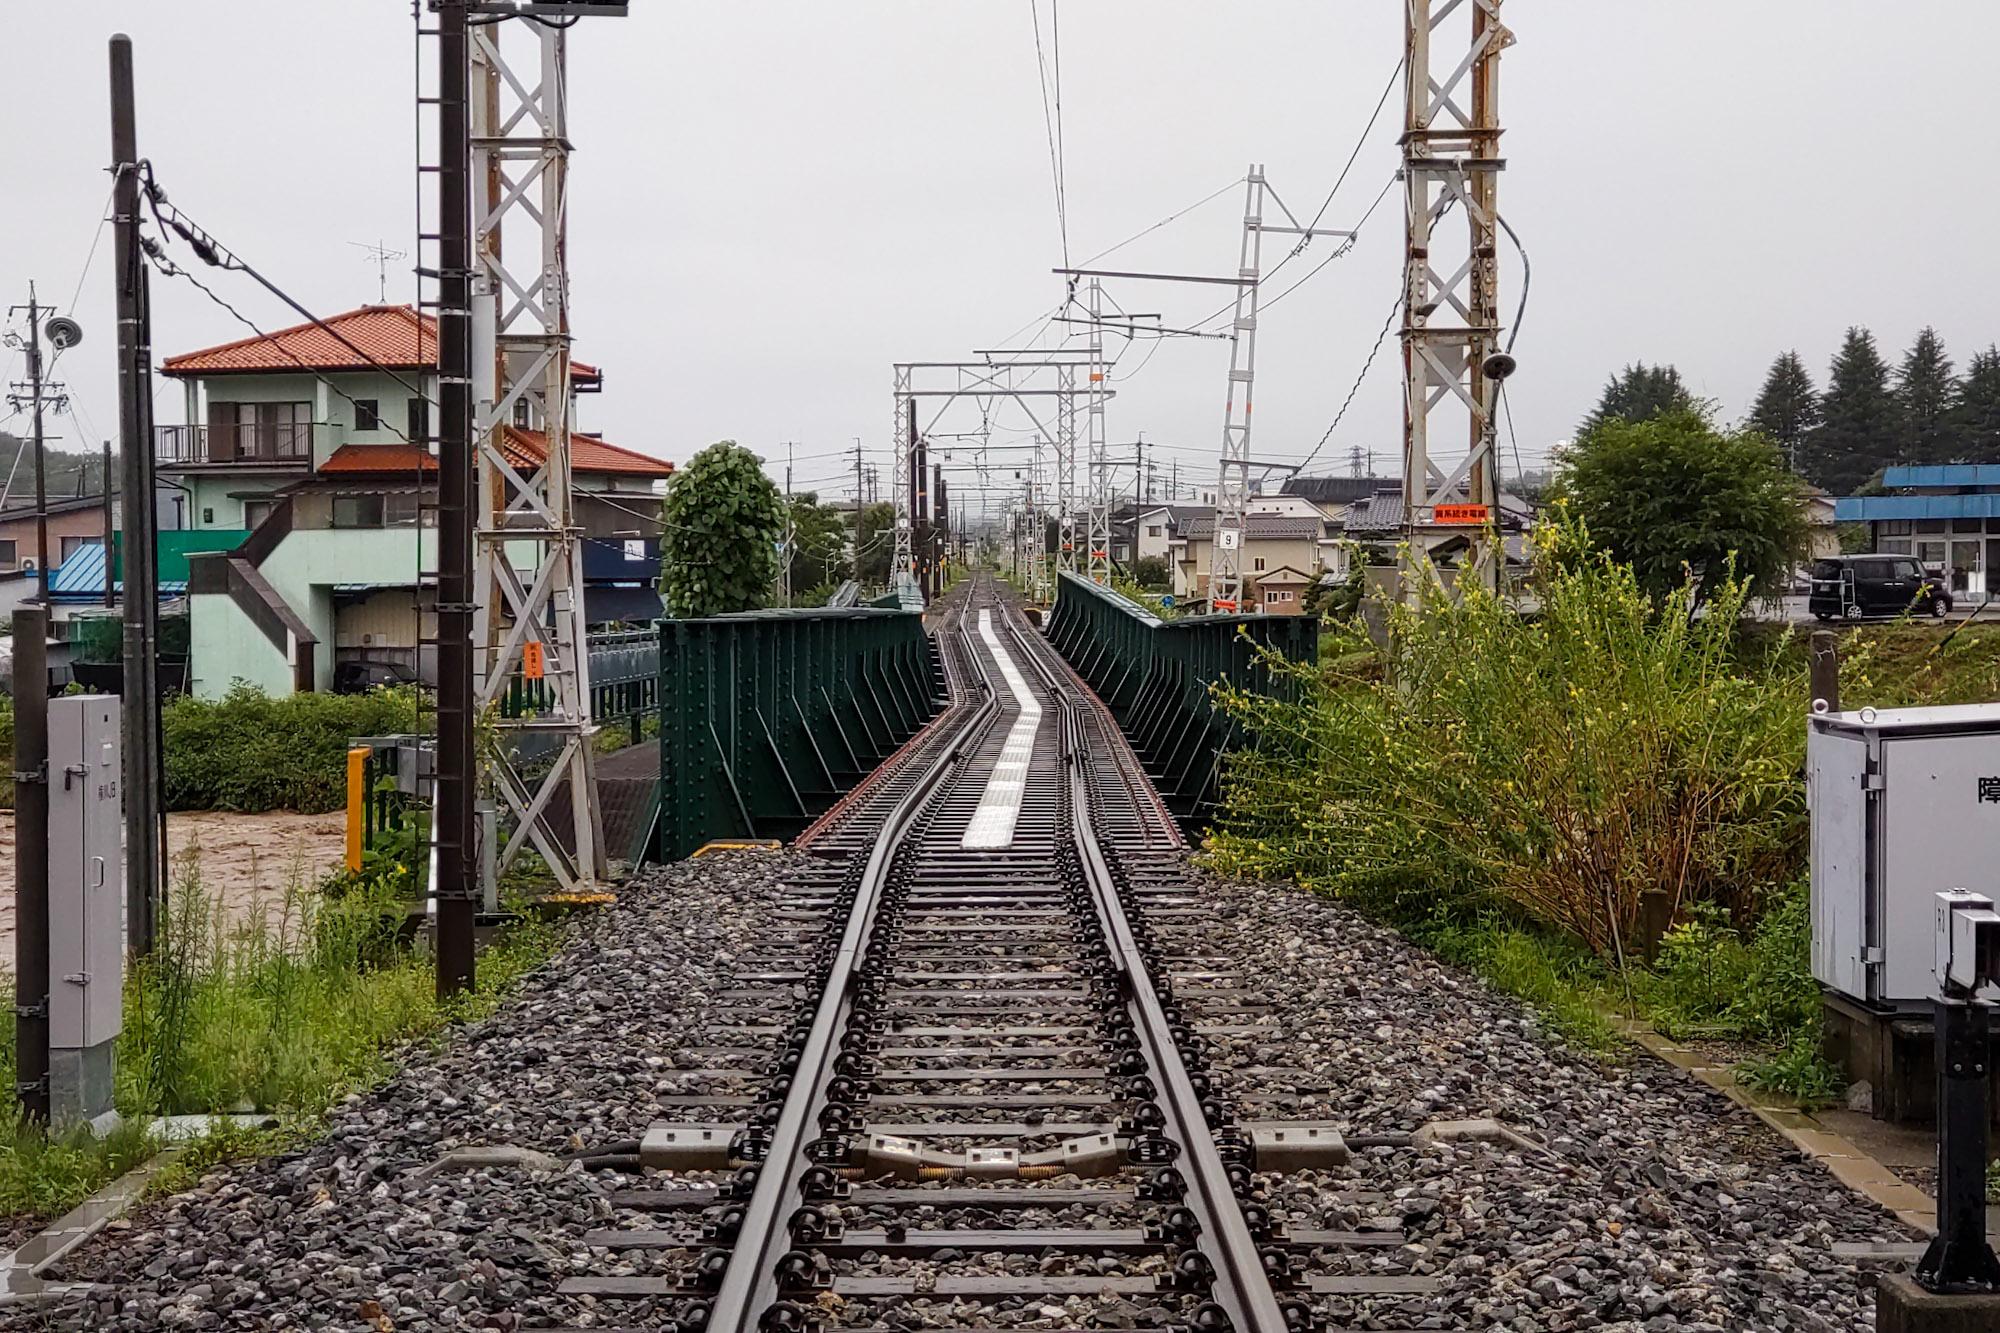 飯田線・アルピコで甚大な被害 橋脚の根元が流され傾く 復旧見込み立たず